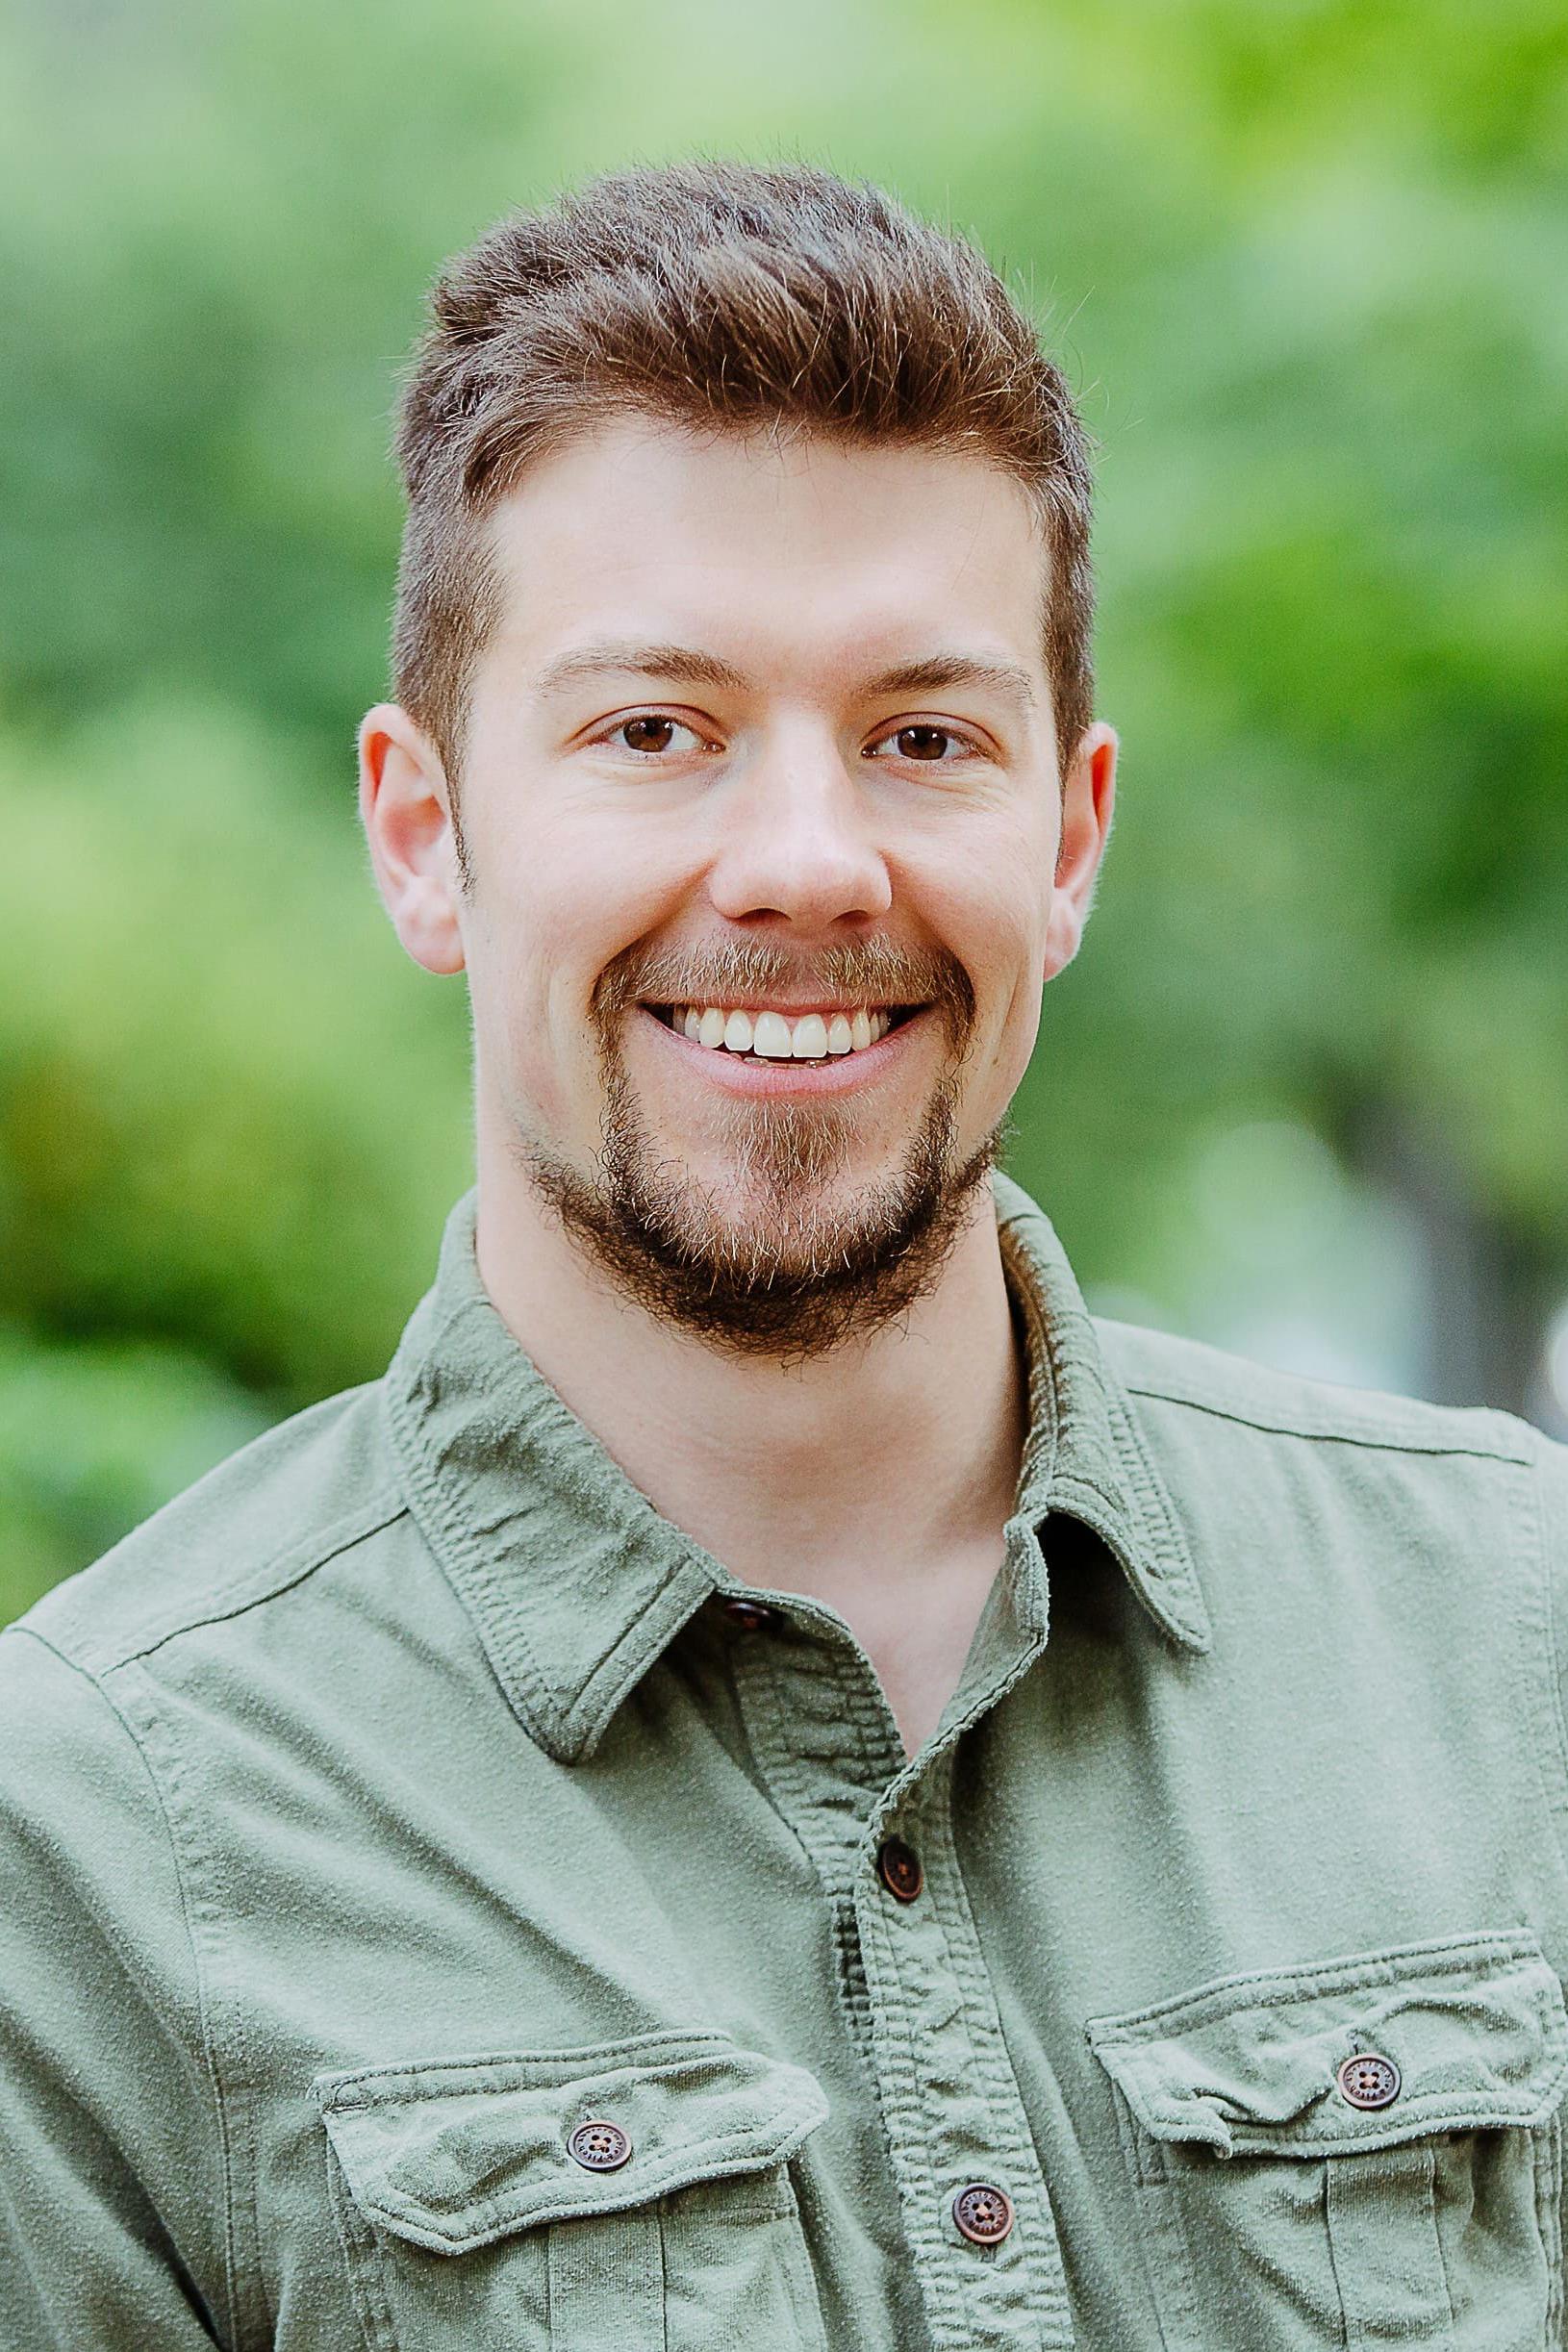 Justin Bockey